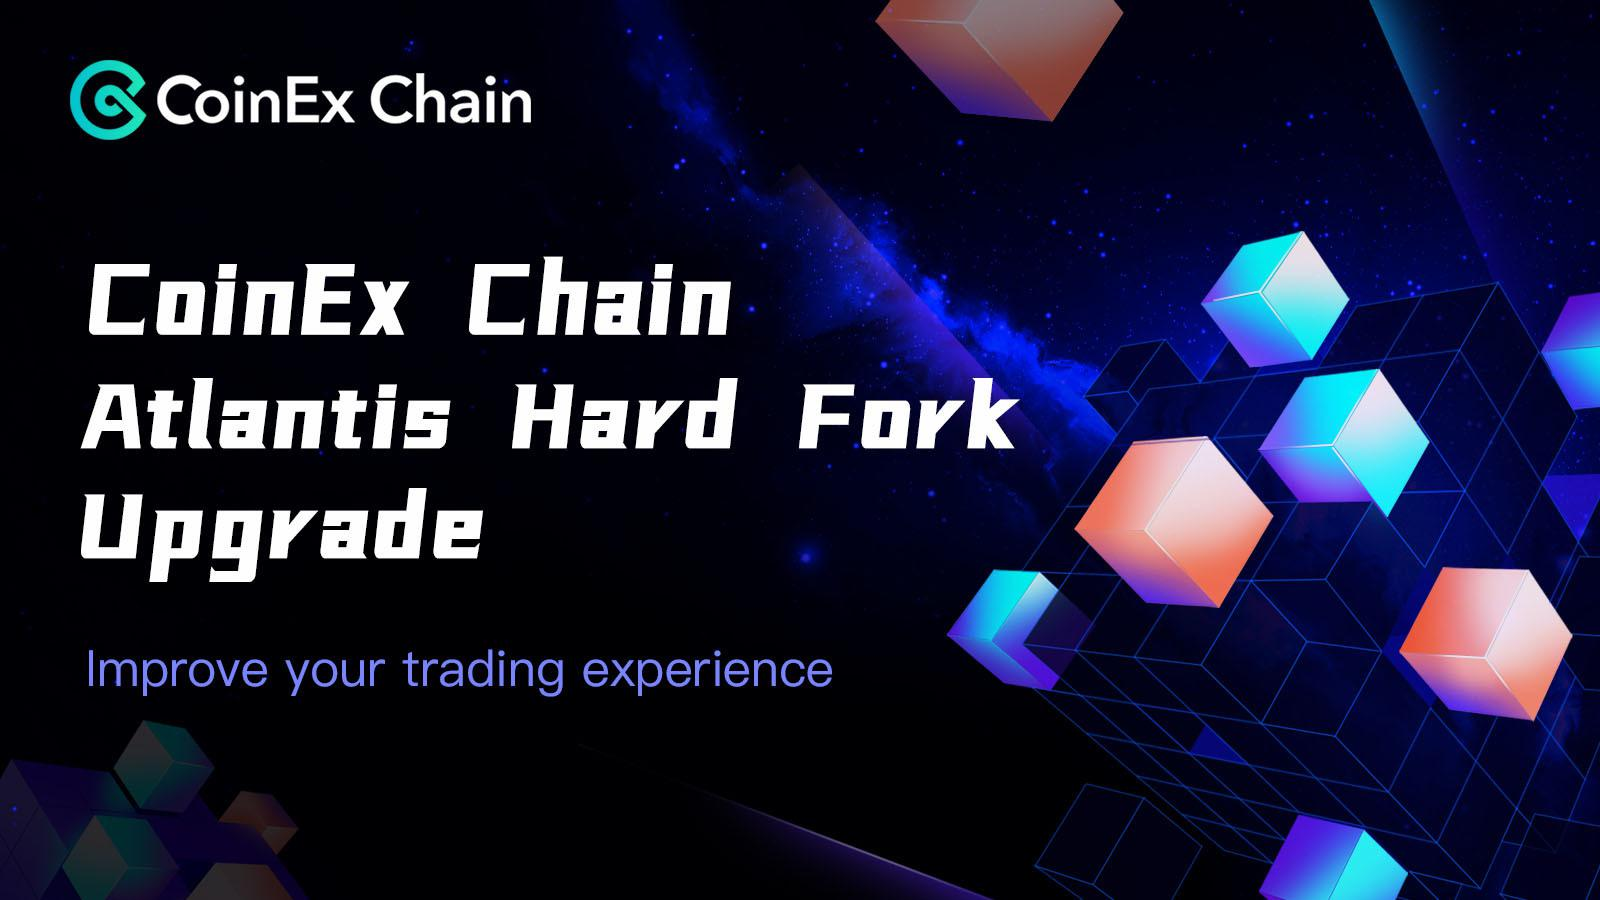 coinex chain